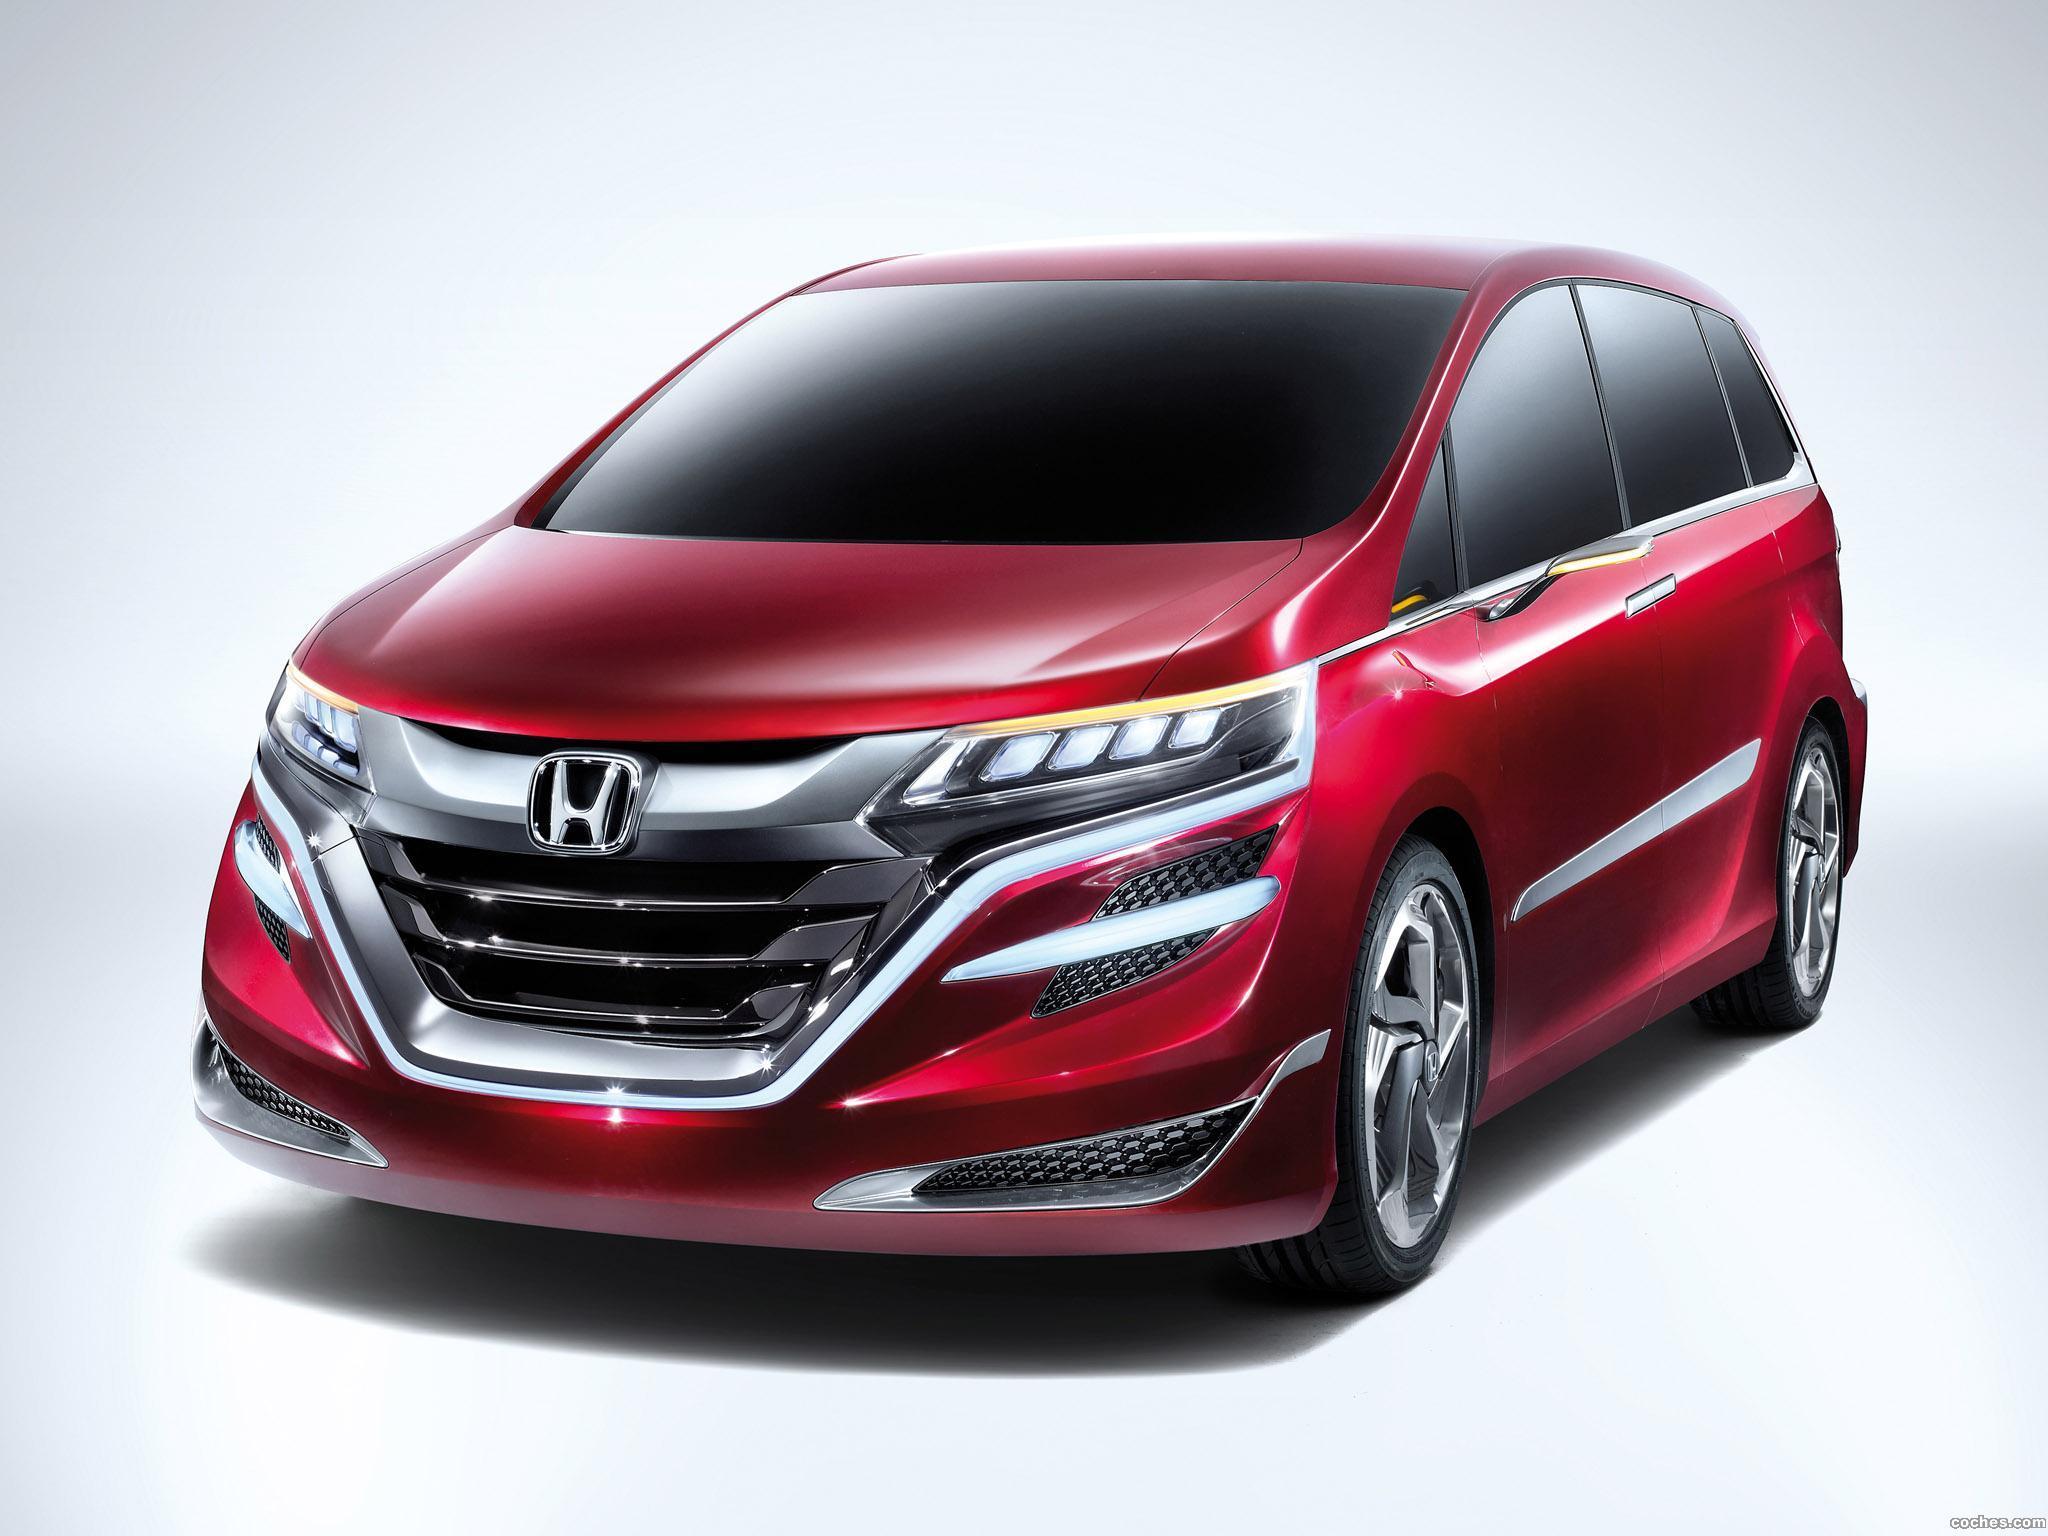 Foto 0 de Honda M Concept 2013